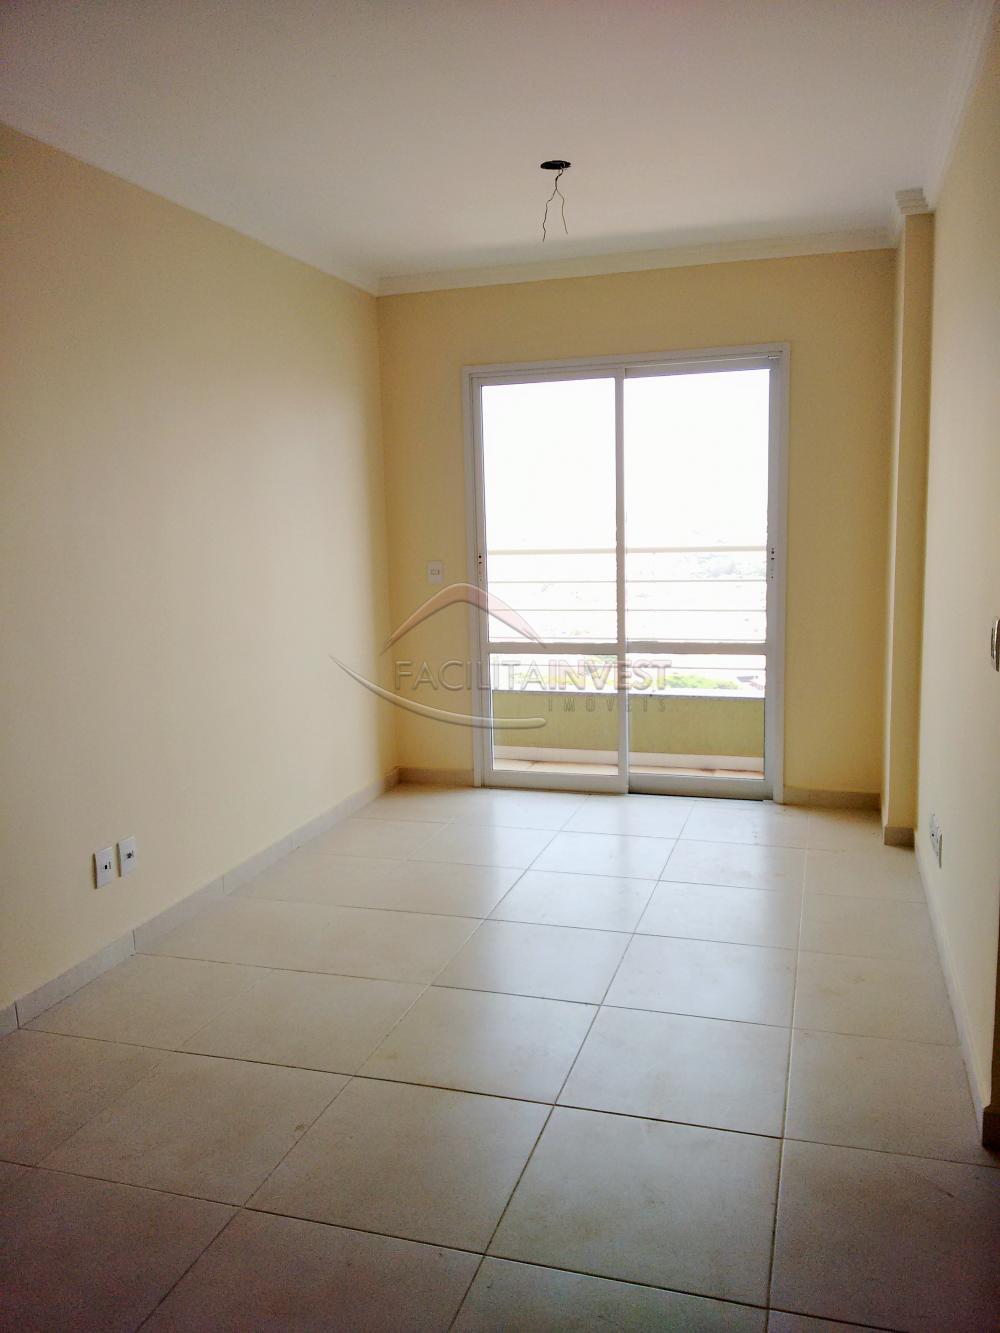 Comprar Apartamentos / Apart. Padrão em Ribeirão Preto apenas R$ 312.000,00 - Foto 1